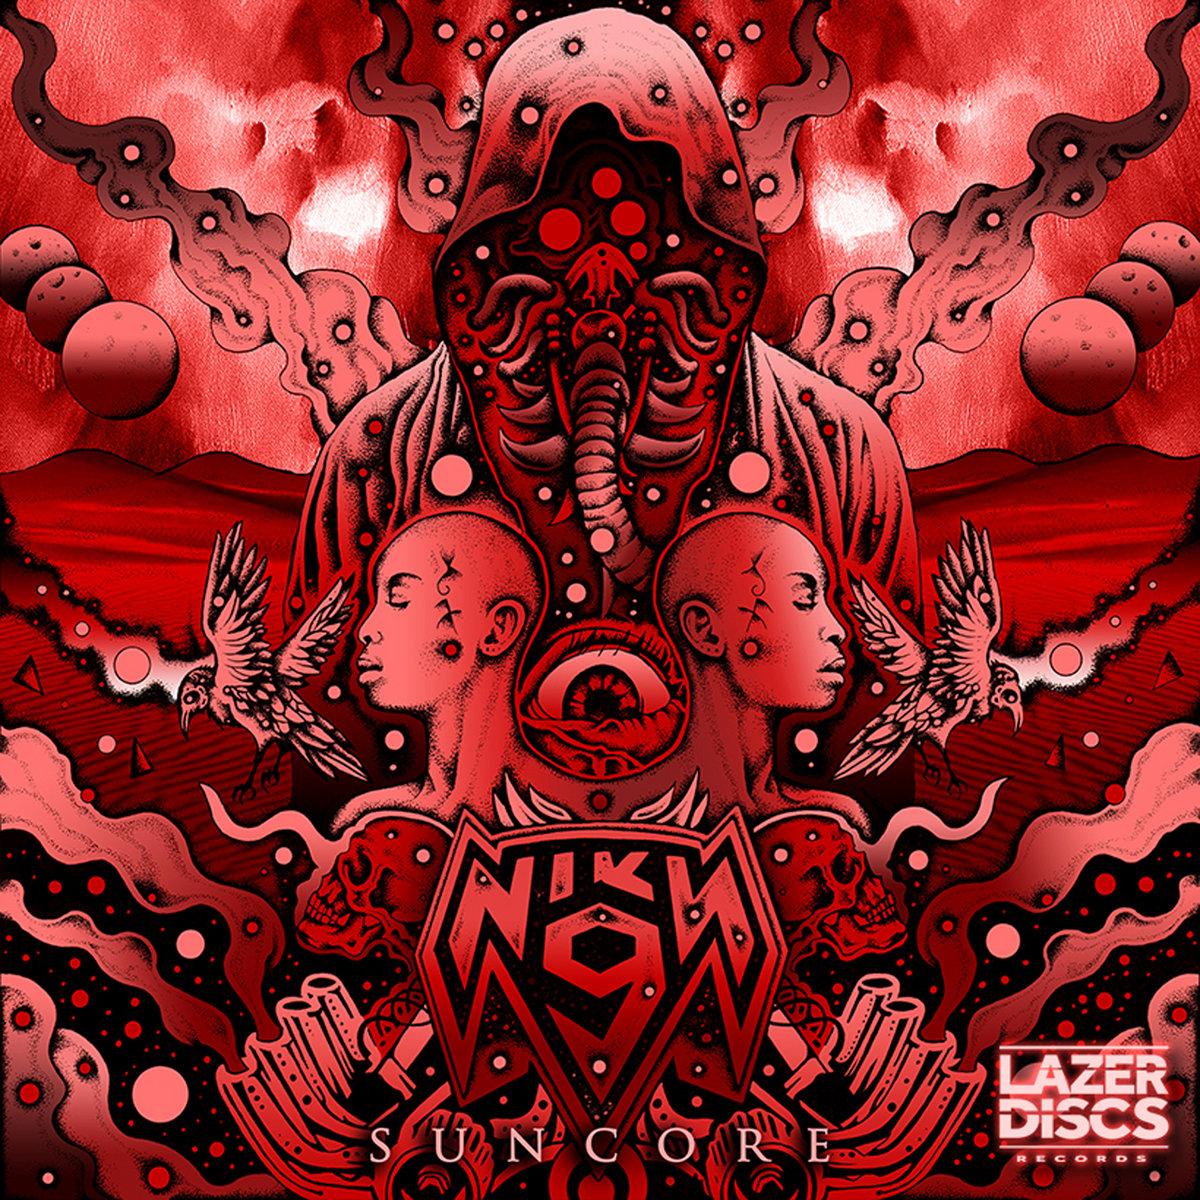 Suncore | Lazerdiscs Records